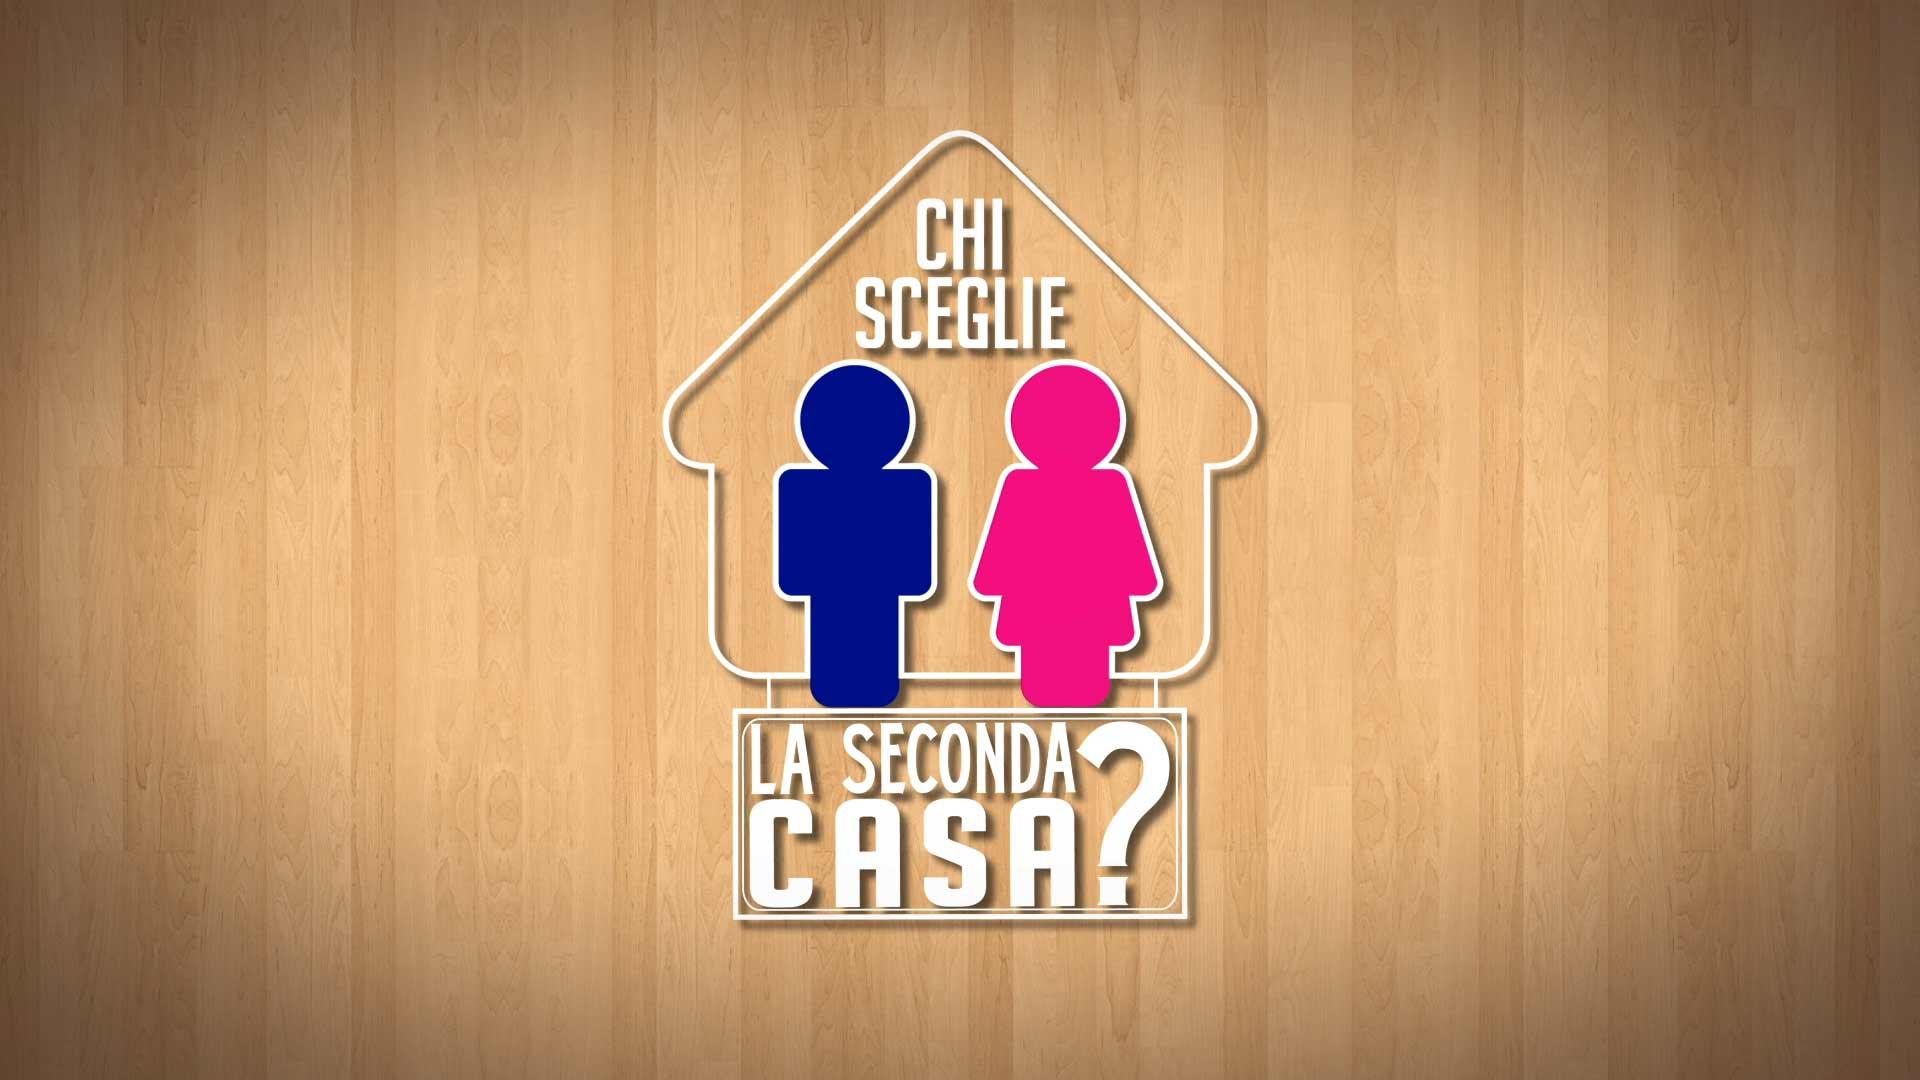 Giulia Garbi e Manuel casella in Chi sceglie la seconda casa? su Sky